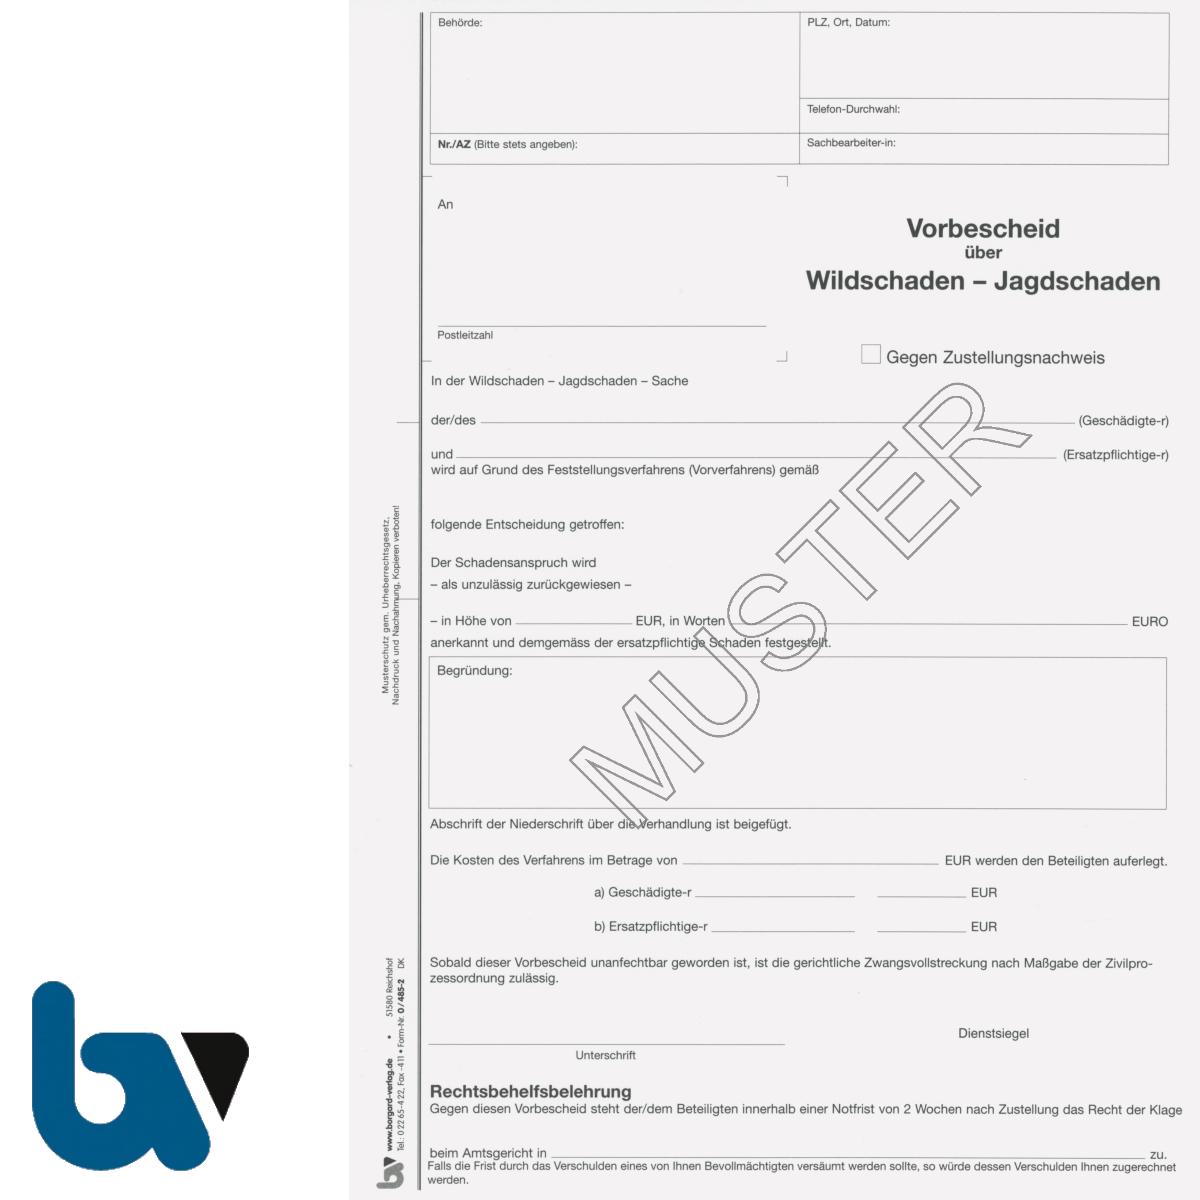 0/485-2 Vorbescheid über Wildschaden 4-fach selbstdurchschreibend DIN A4   Borgard Verlag GmbH